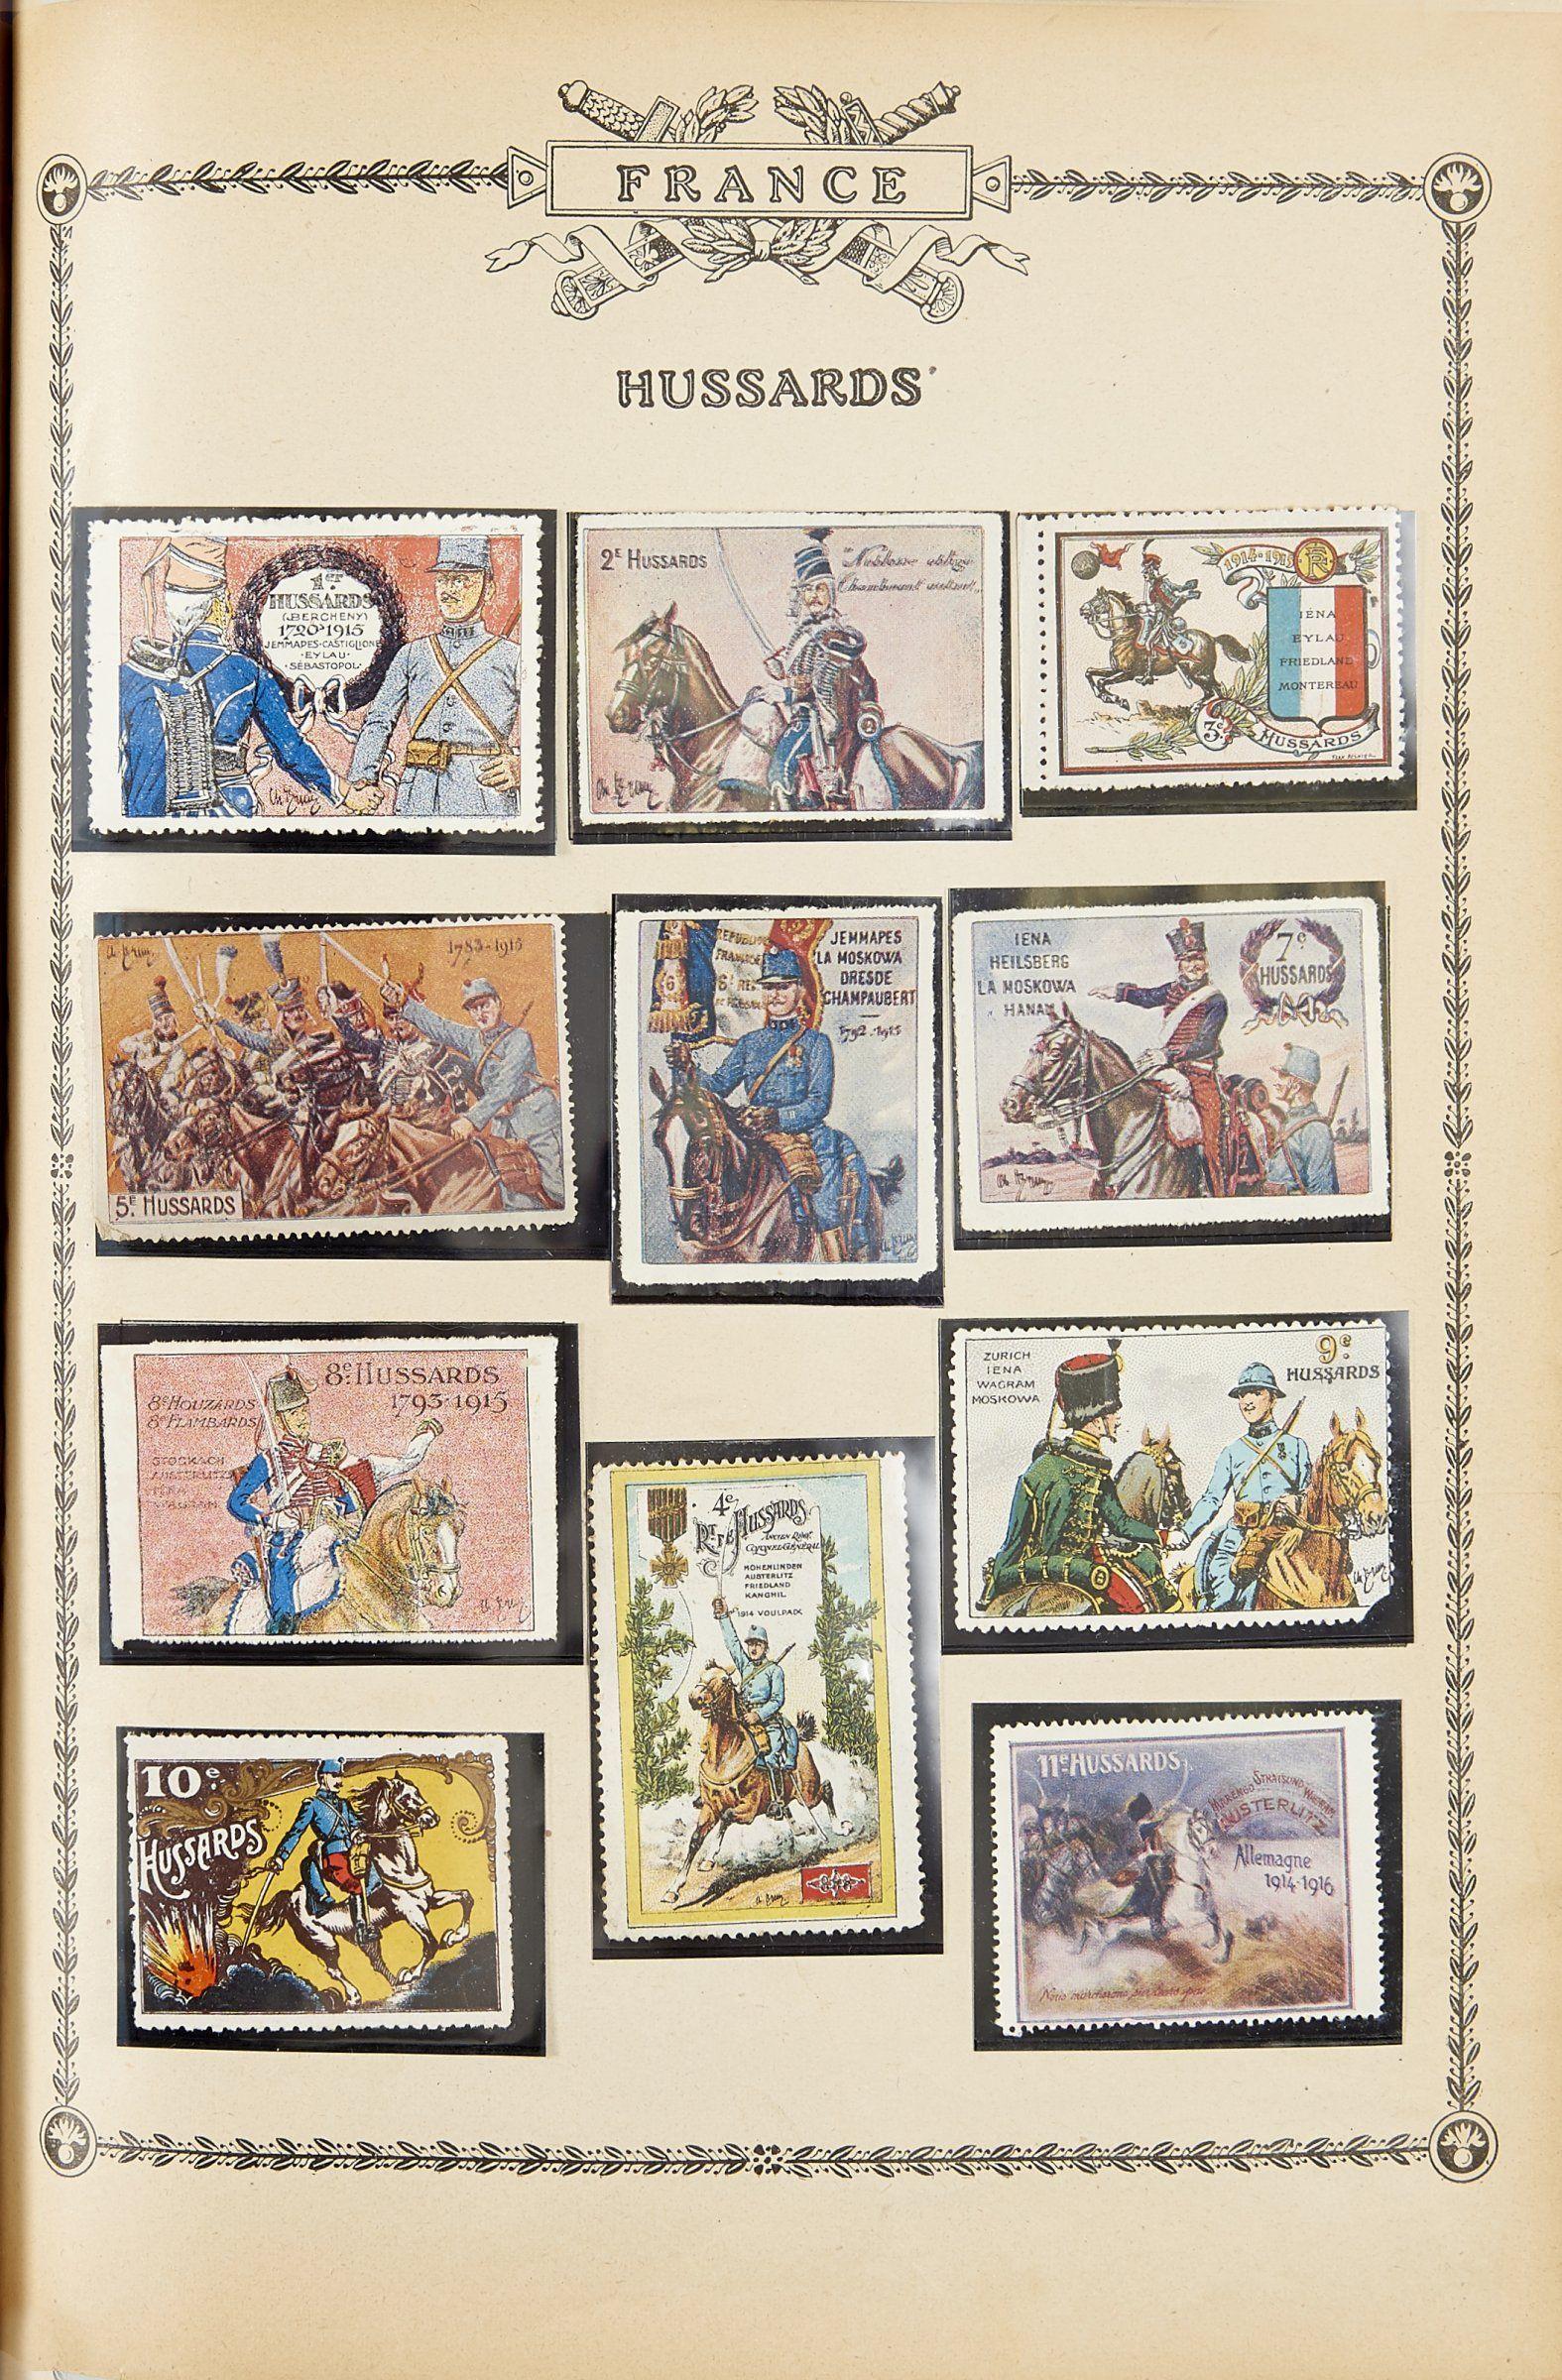 Philatélie, vignettes sur les hussards 3125_10588568_1